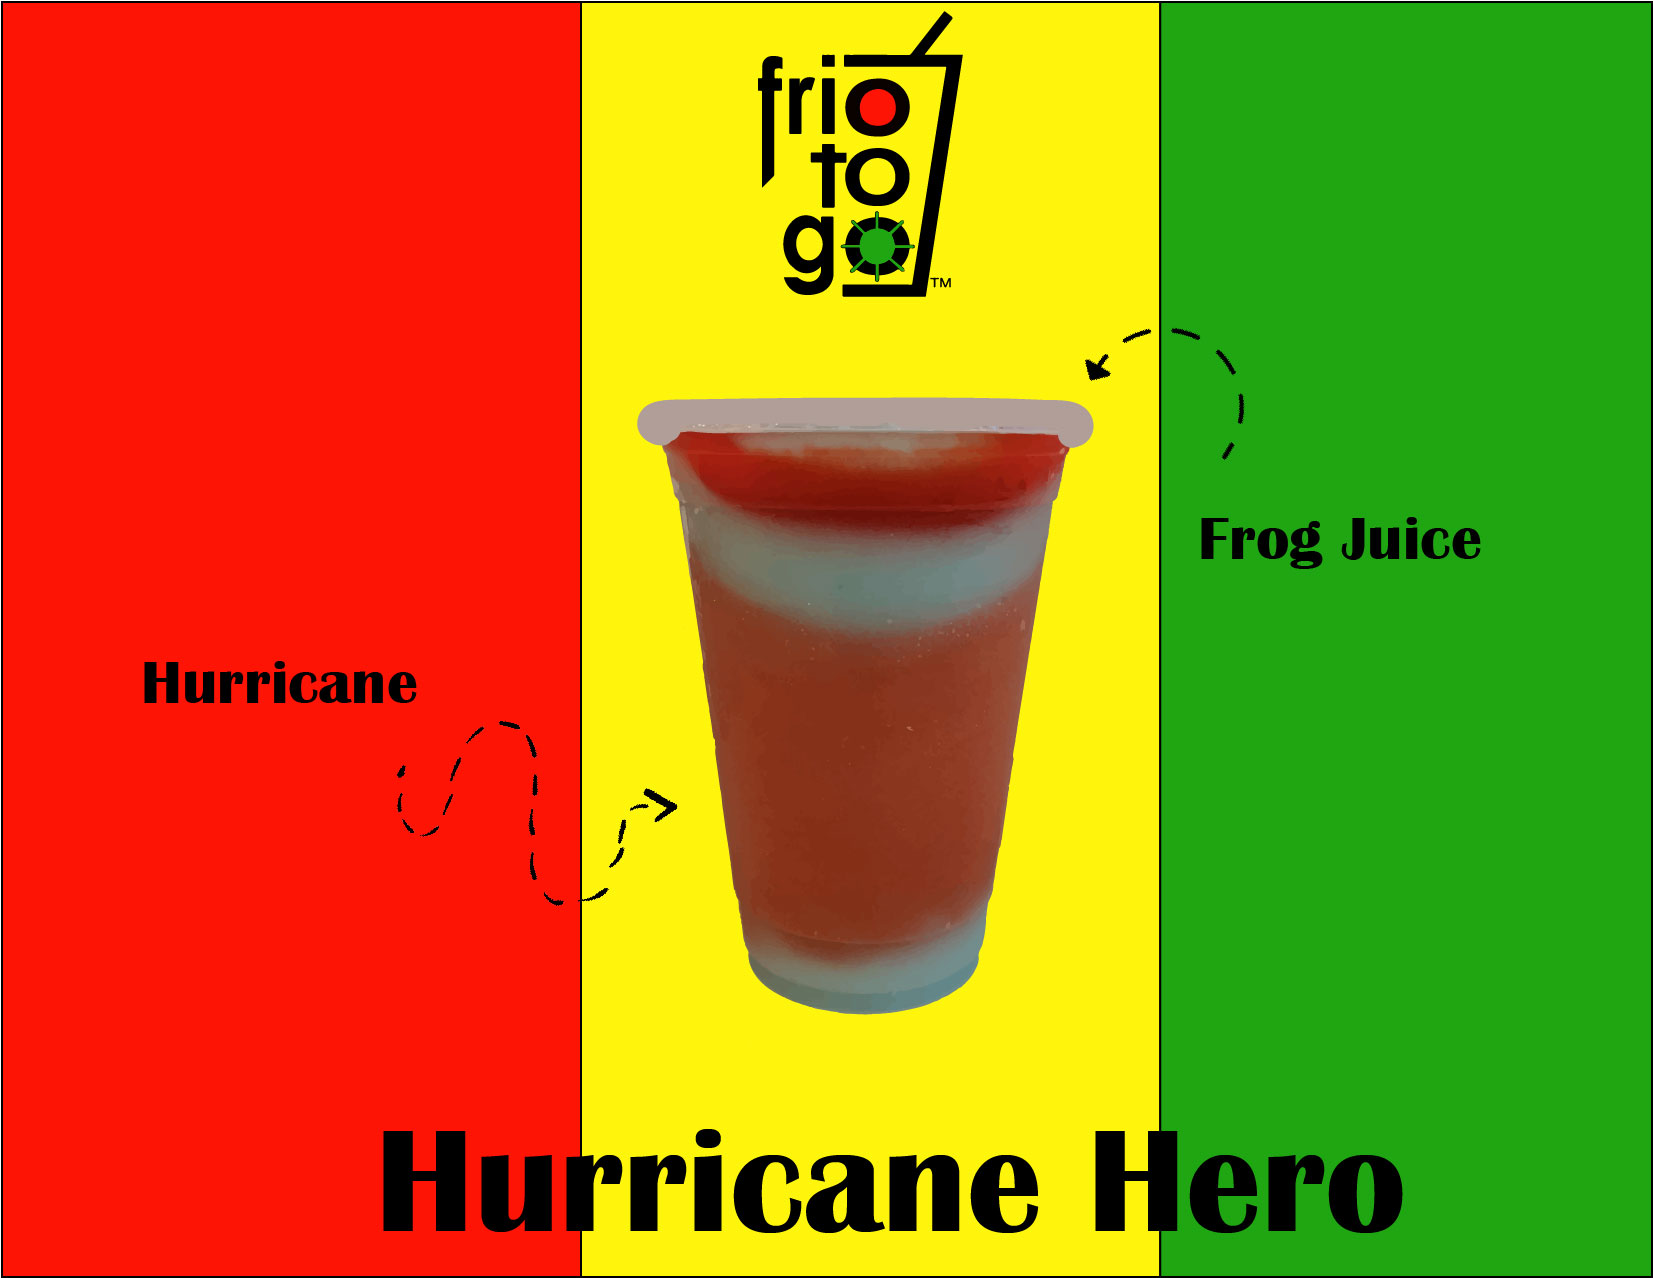 Hurricane Hero